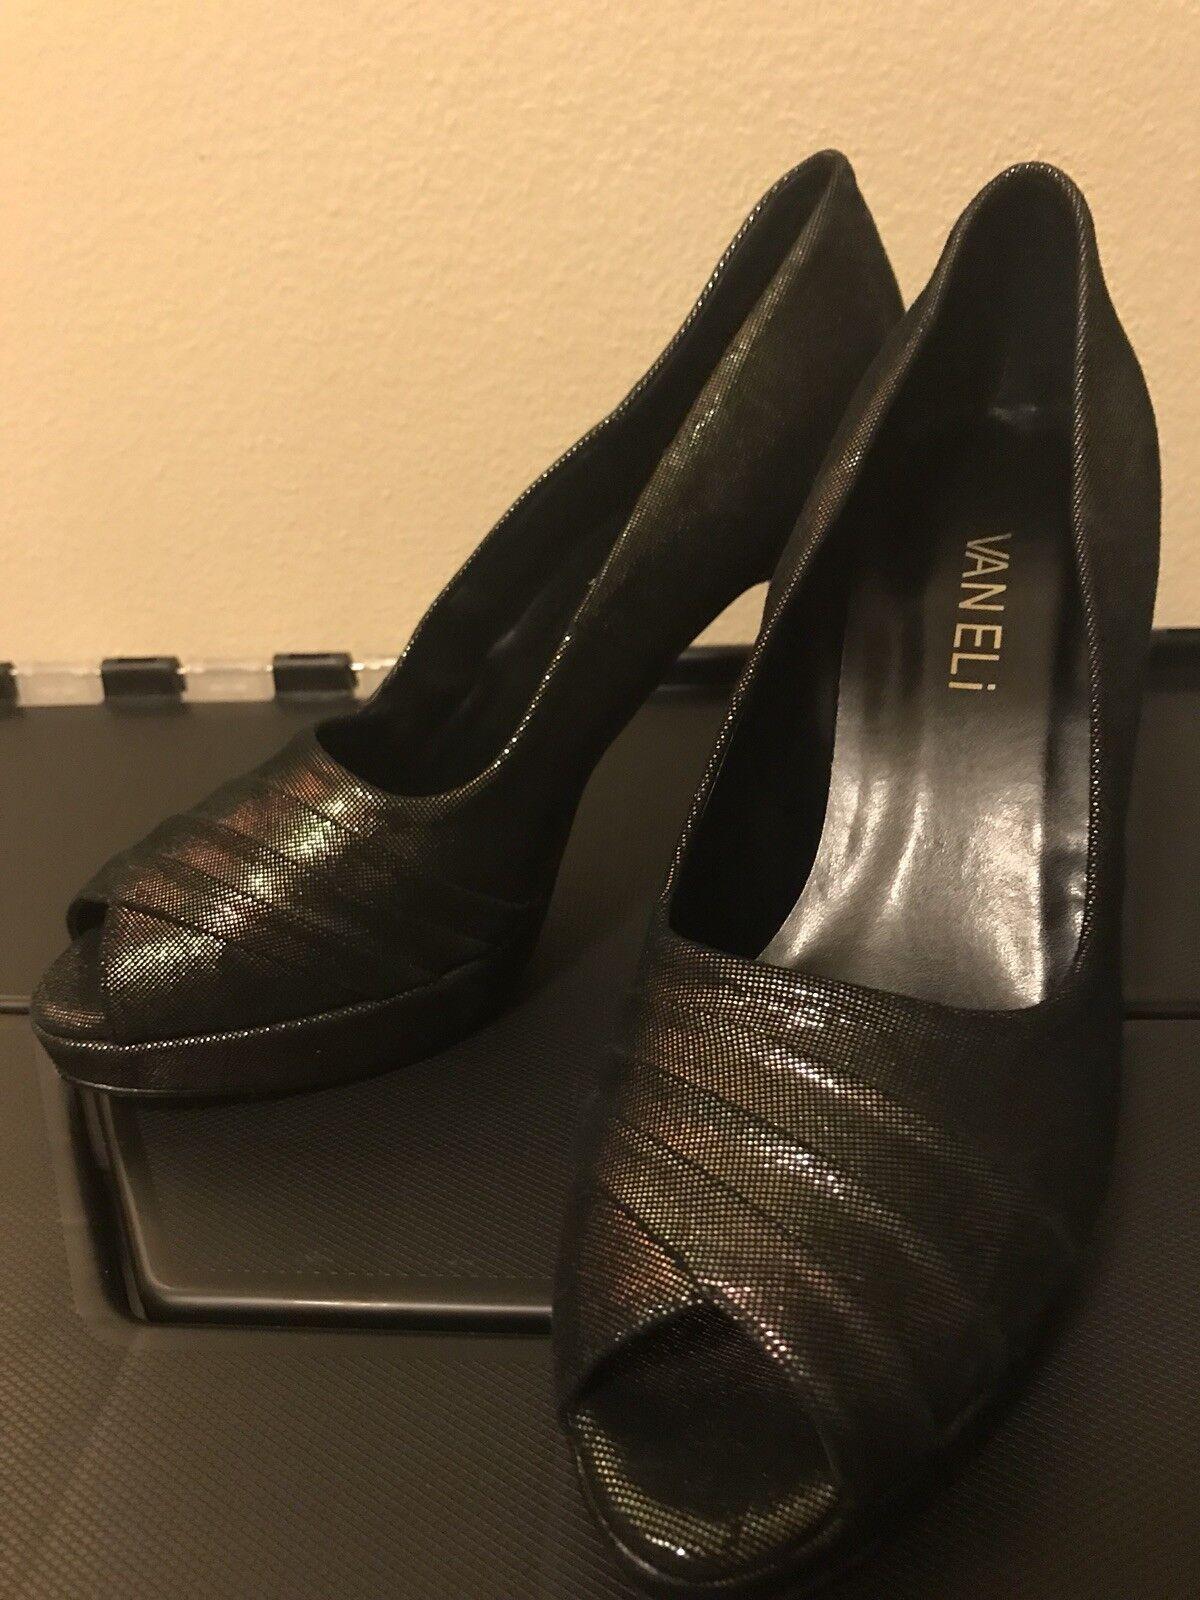 miglior prezzo Nordstrom Made In  Vaneli Brand Brand Brand Name Leather Peep Toe Pumps Heels scarpe 6M  prezzo ragionevole